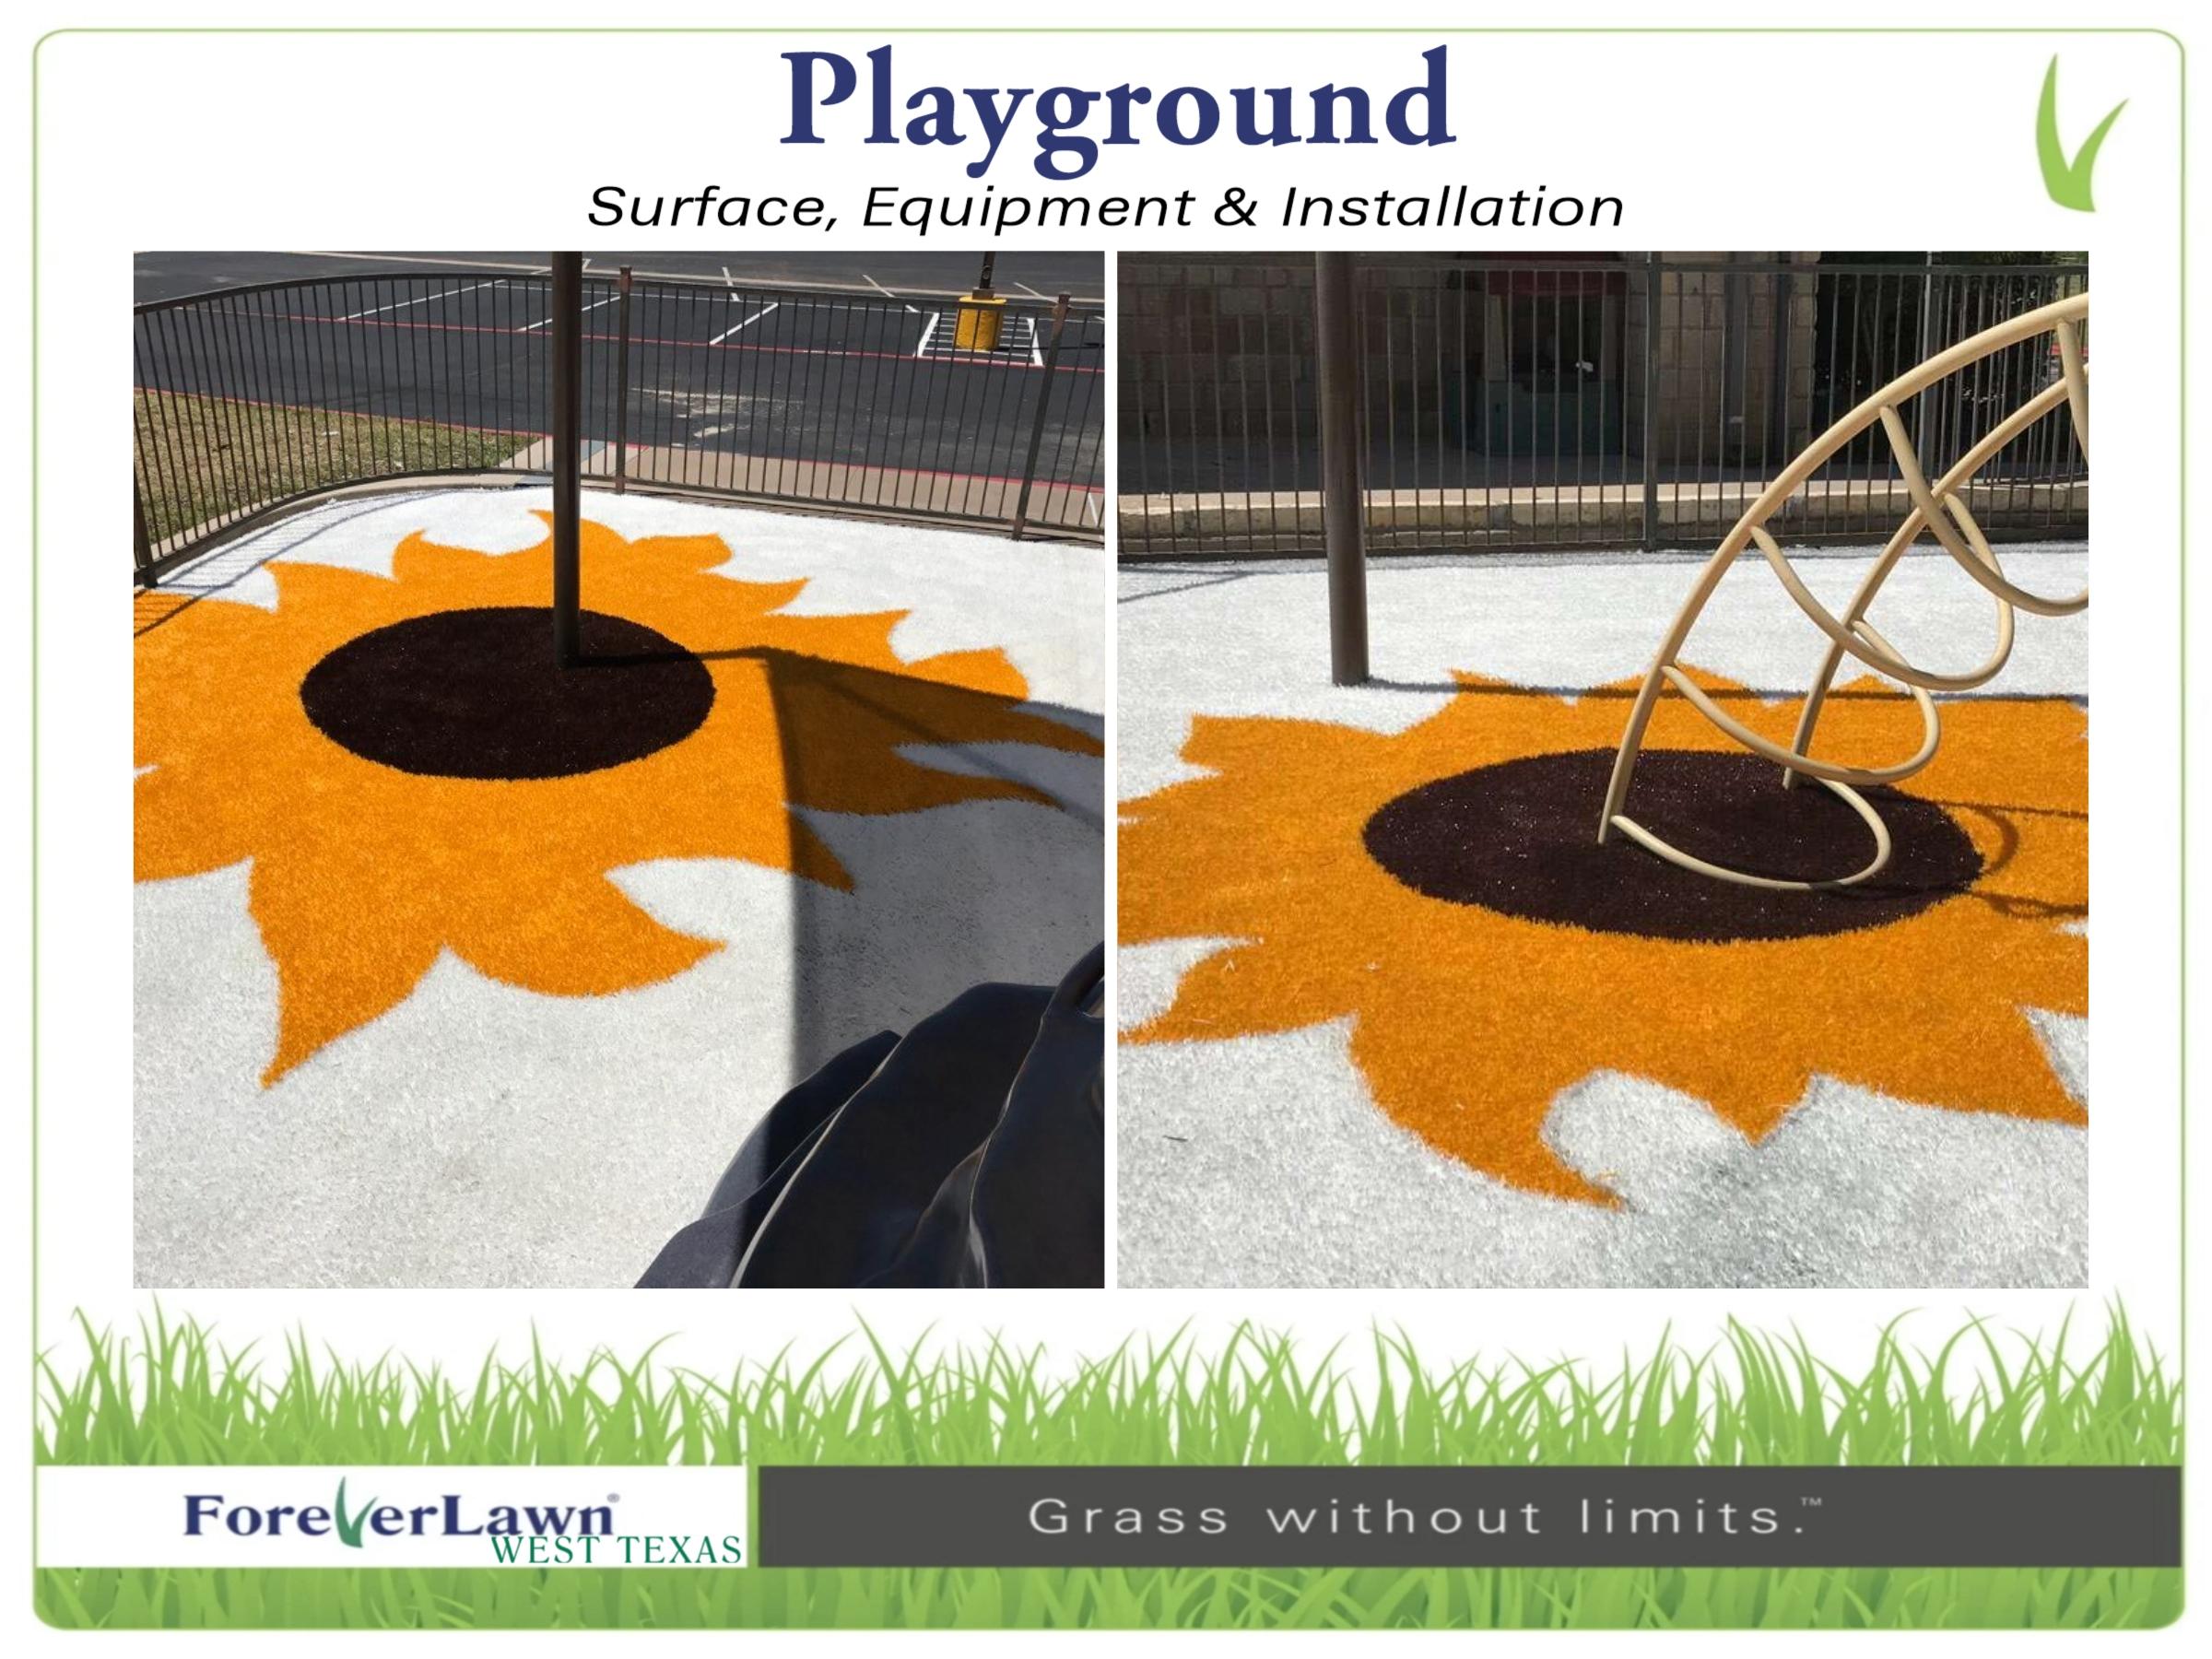 playground - Page 002.jpg